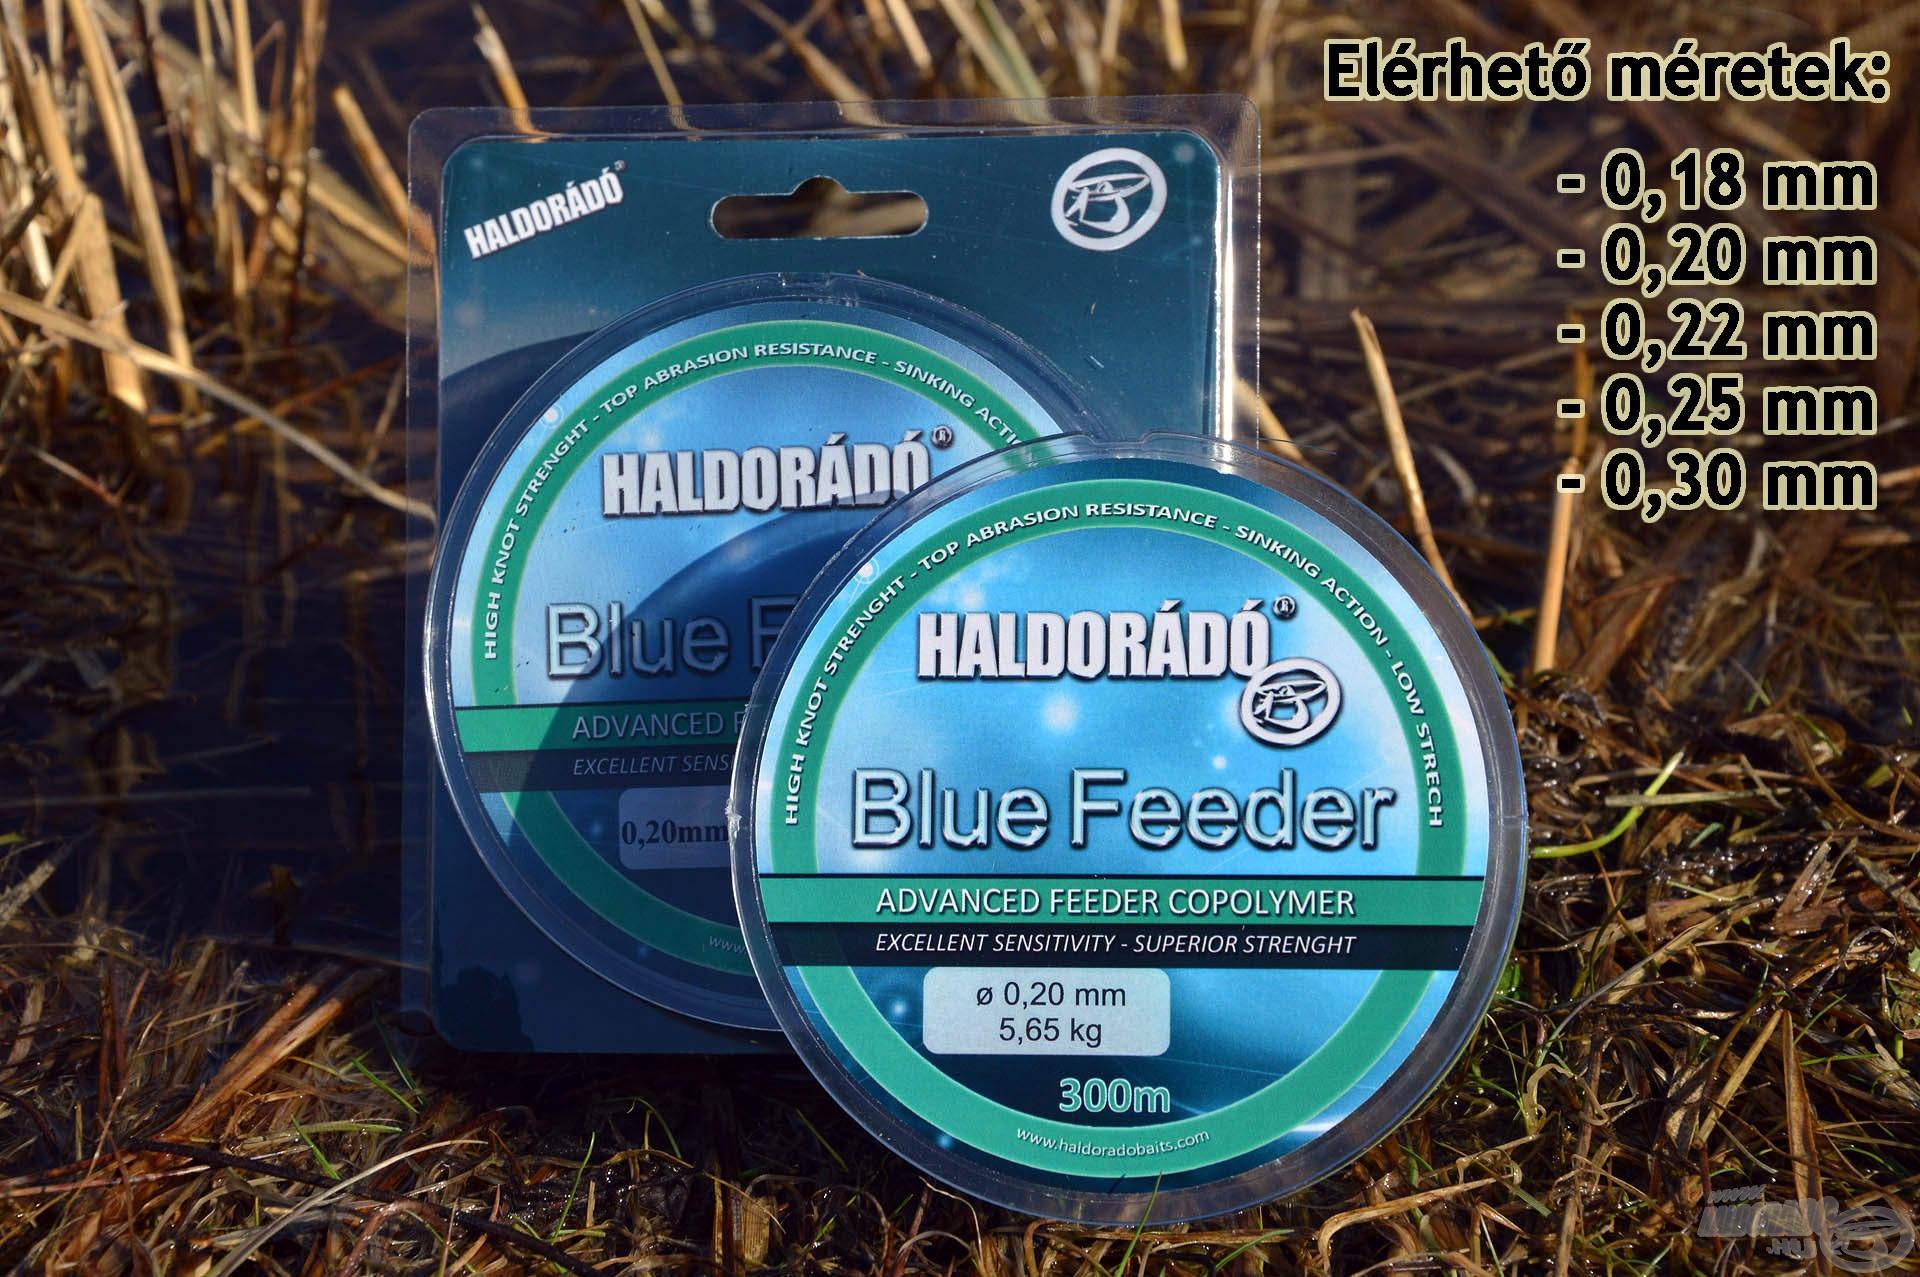 A Blue Feeder zsinórcsalád szintén 5 népszerű méretben kerül forgalomba